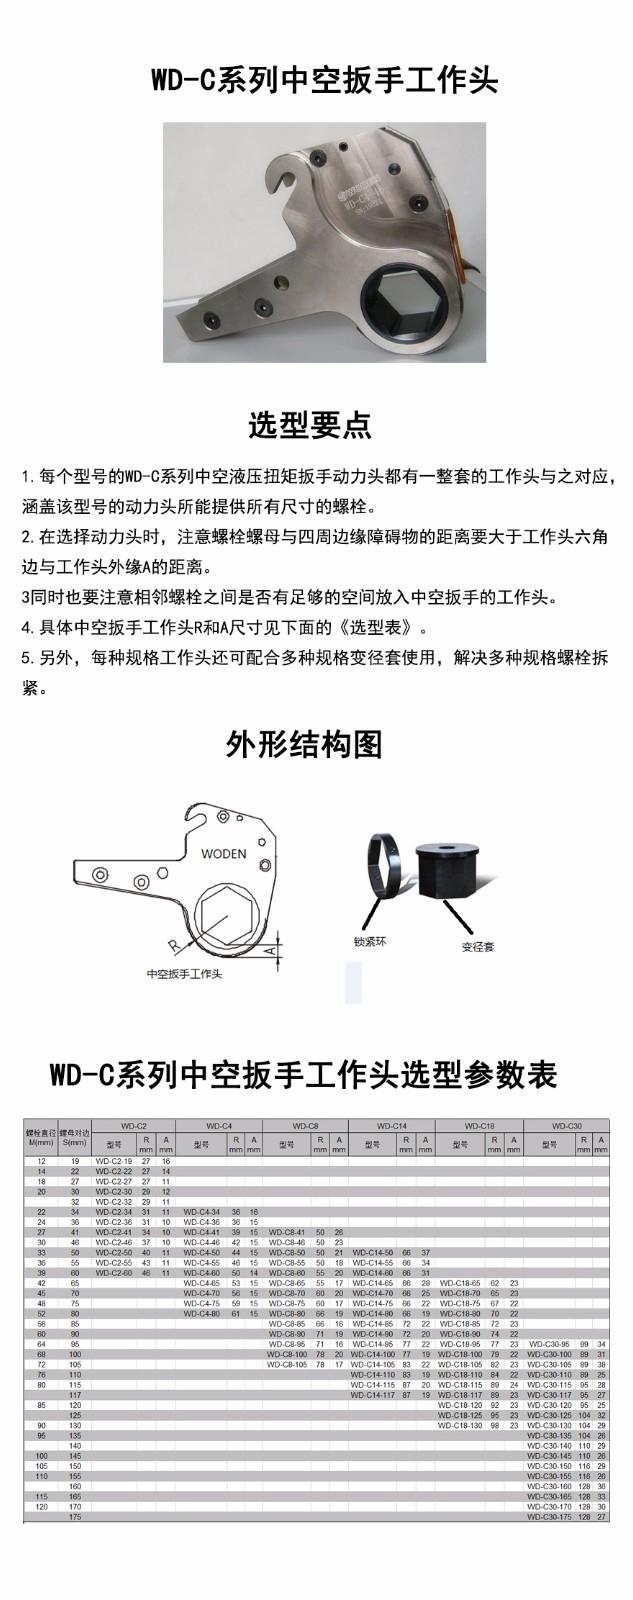 雷电竞网页WD-C系列中空LOL雷电竞雷电竞备用网站工作头